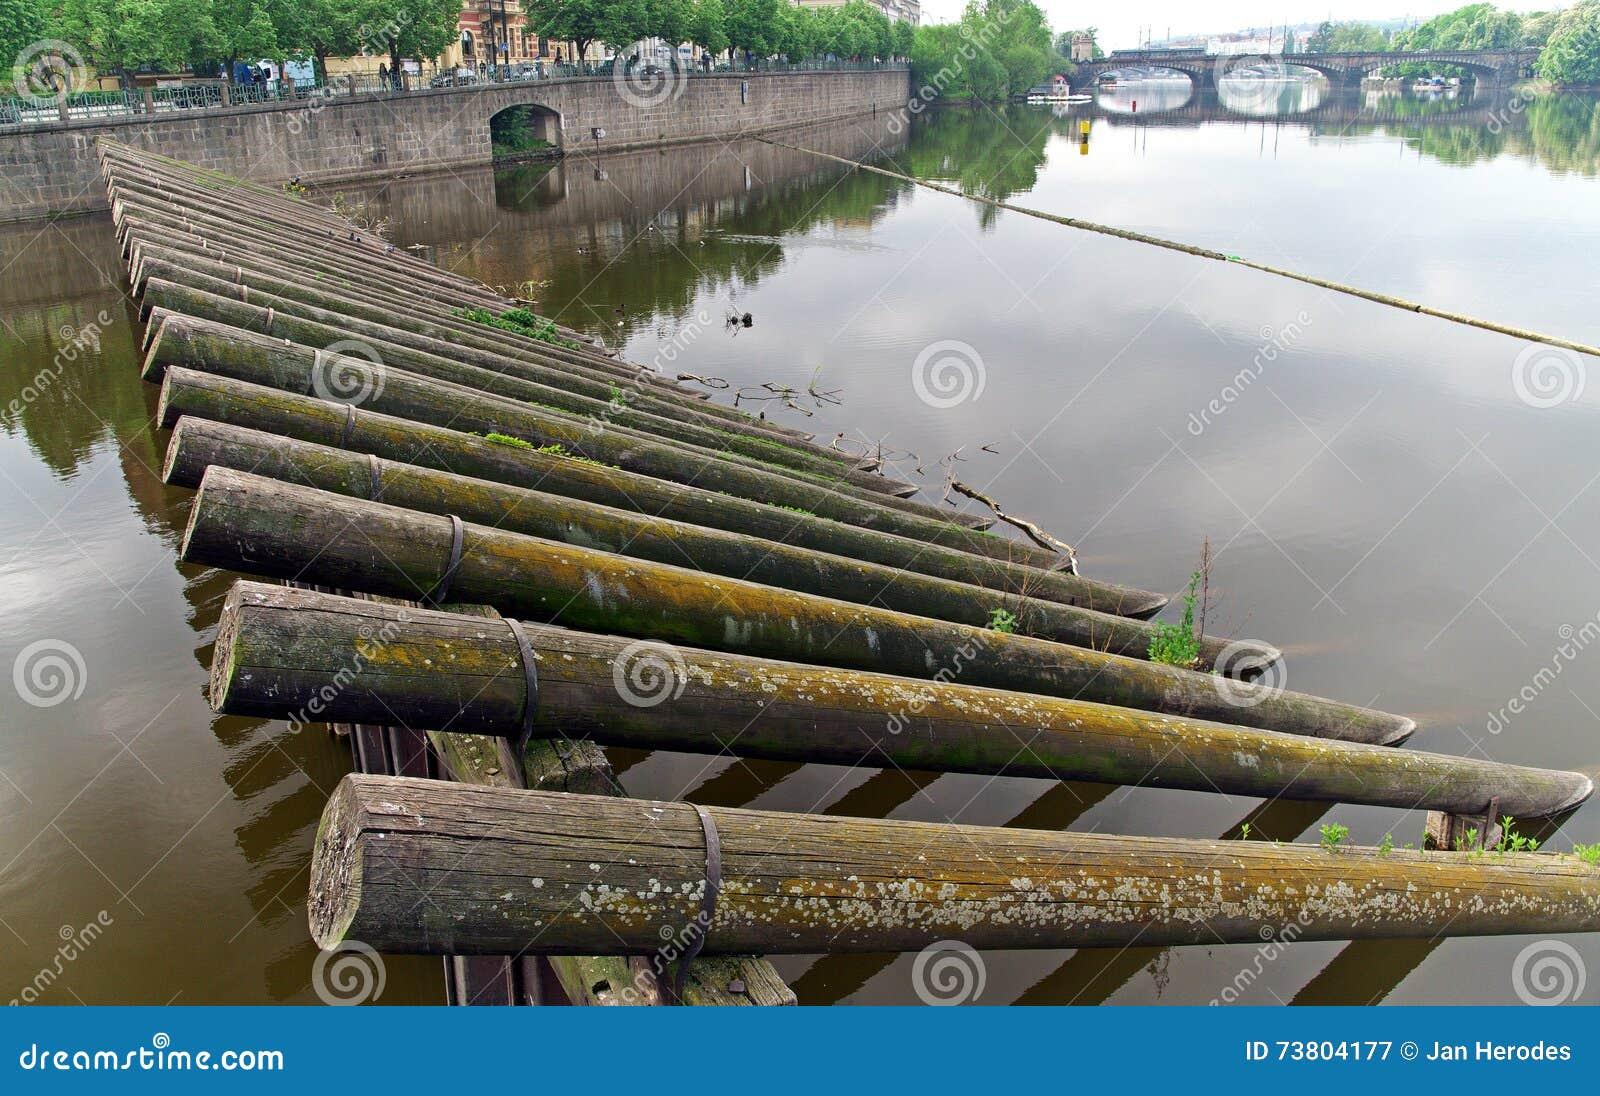 Barriere Di Legno Sul Fiume Fotografia Stock - Immagine: 73804177